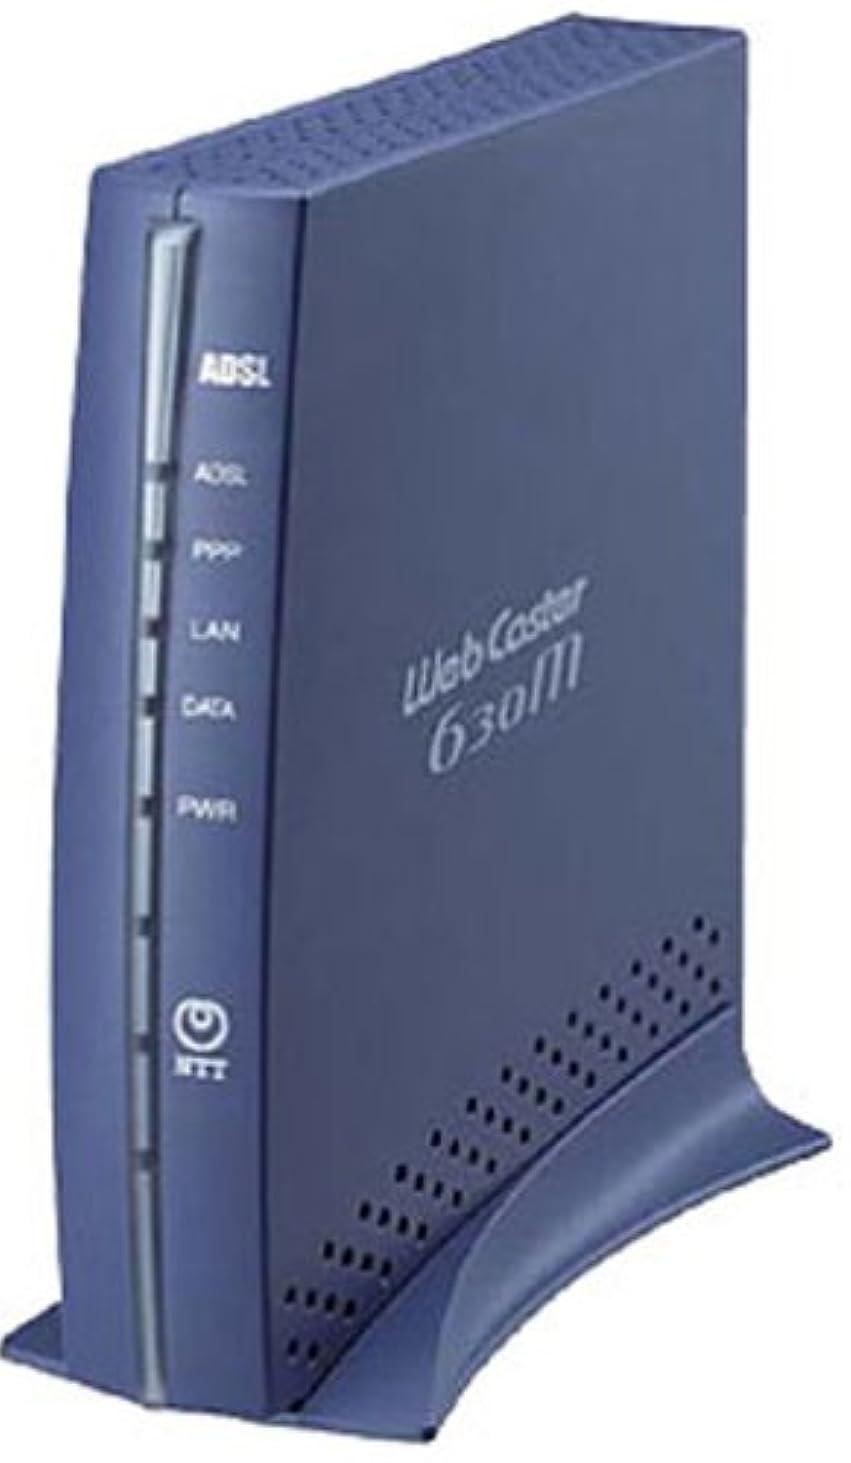 四面体ハッチ反対したWeb Caster 630M